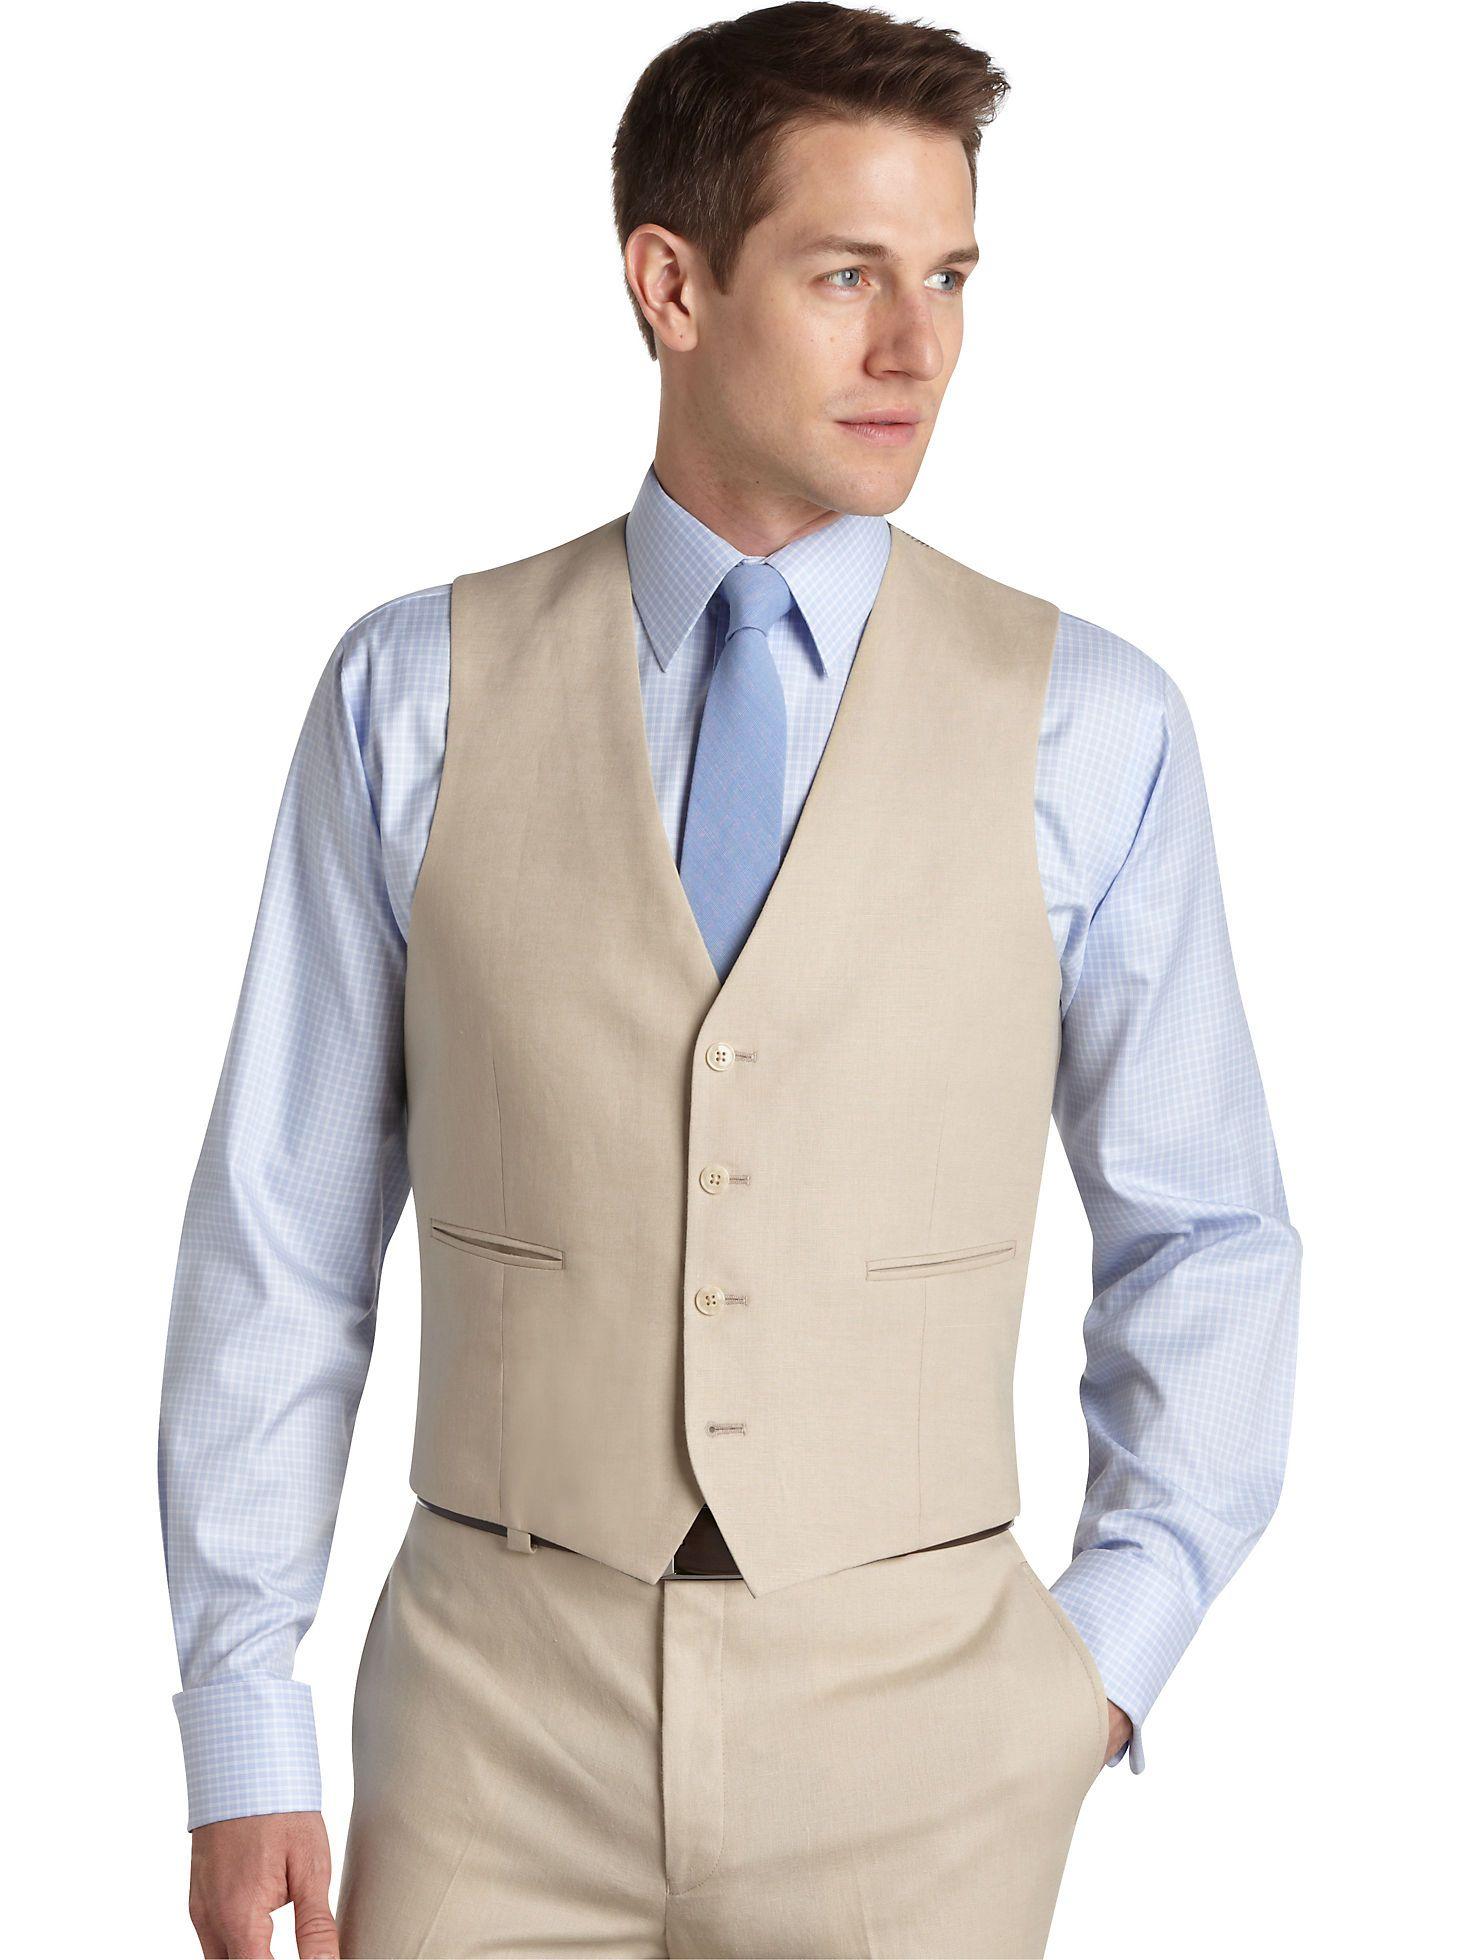 Sean John Jacket and Vest, White Linen - Suits & Suit Separates ...